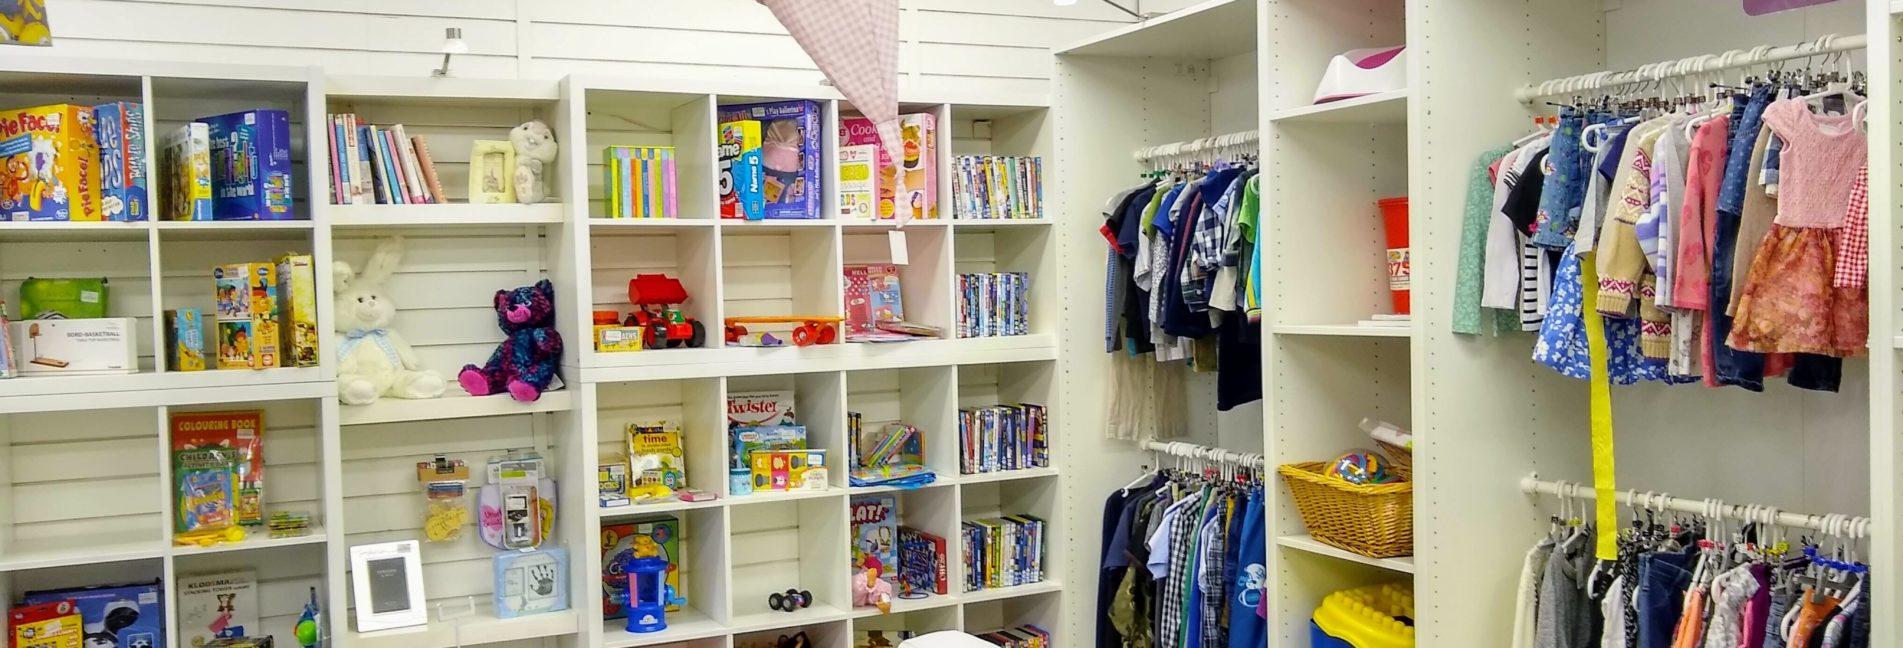 Interior of a baby shop